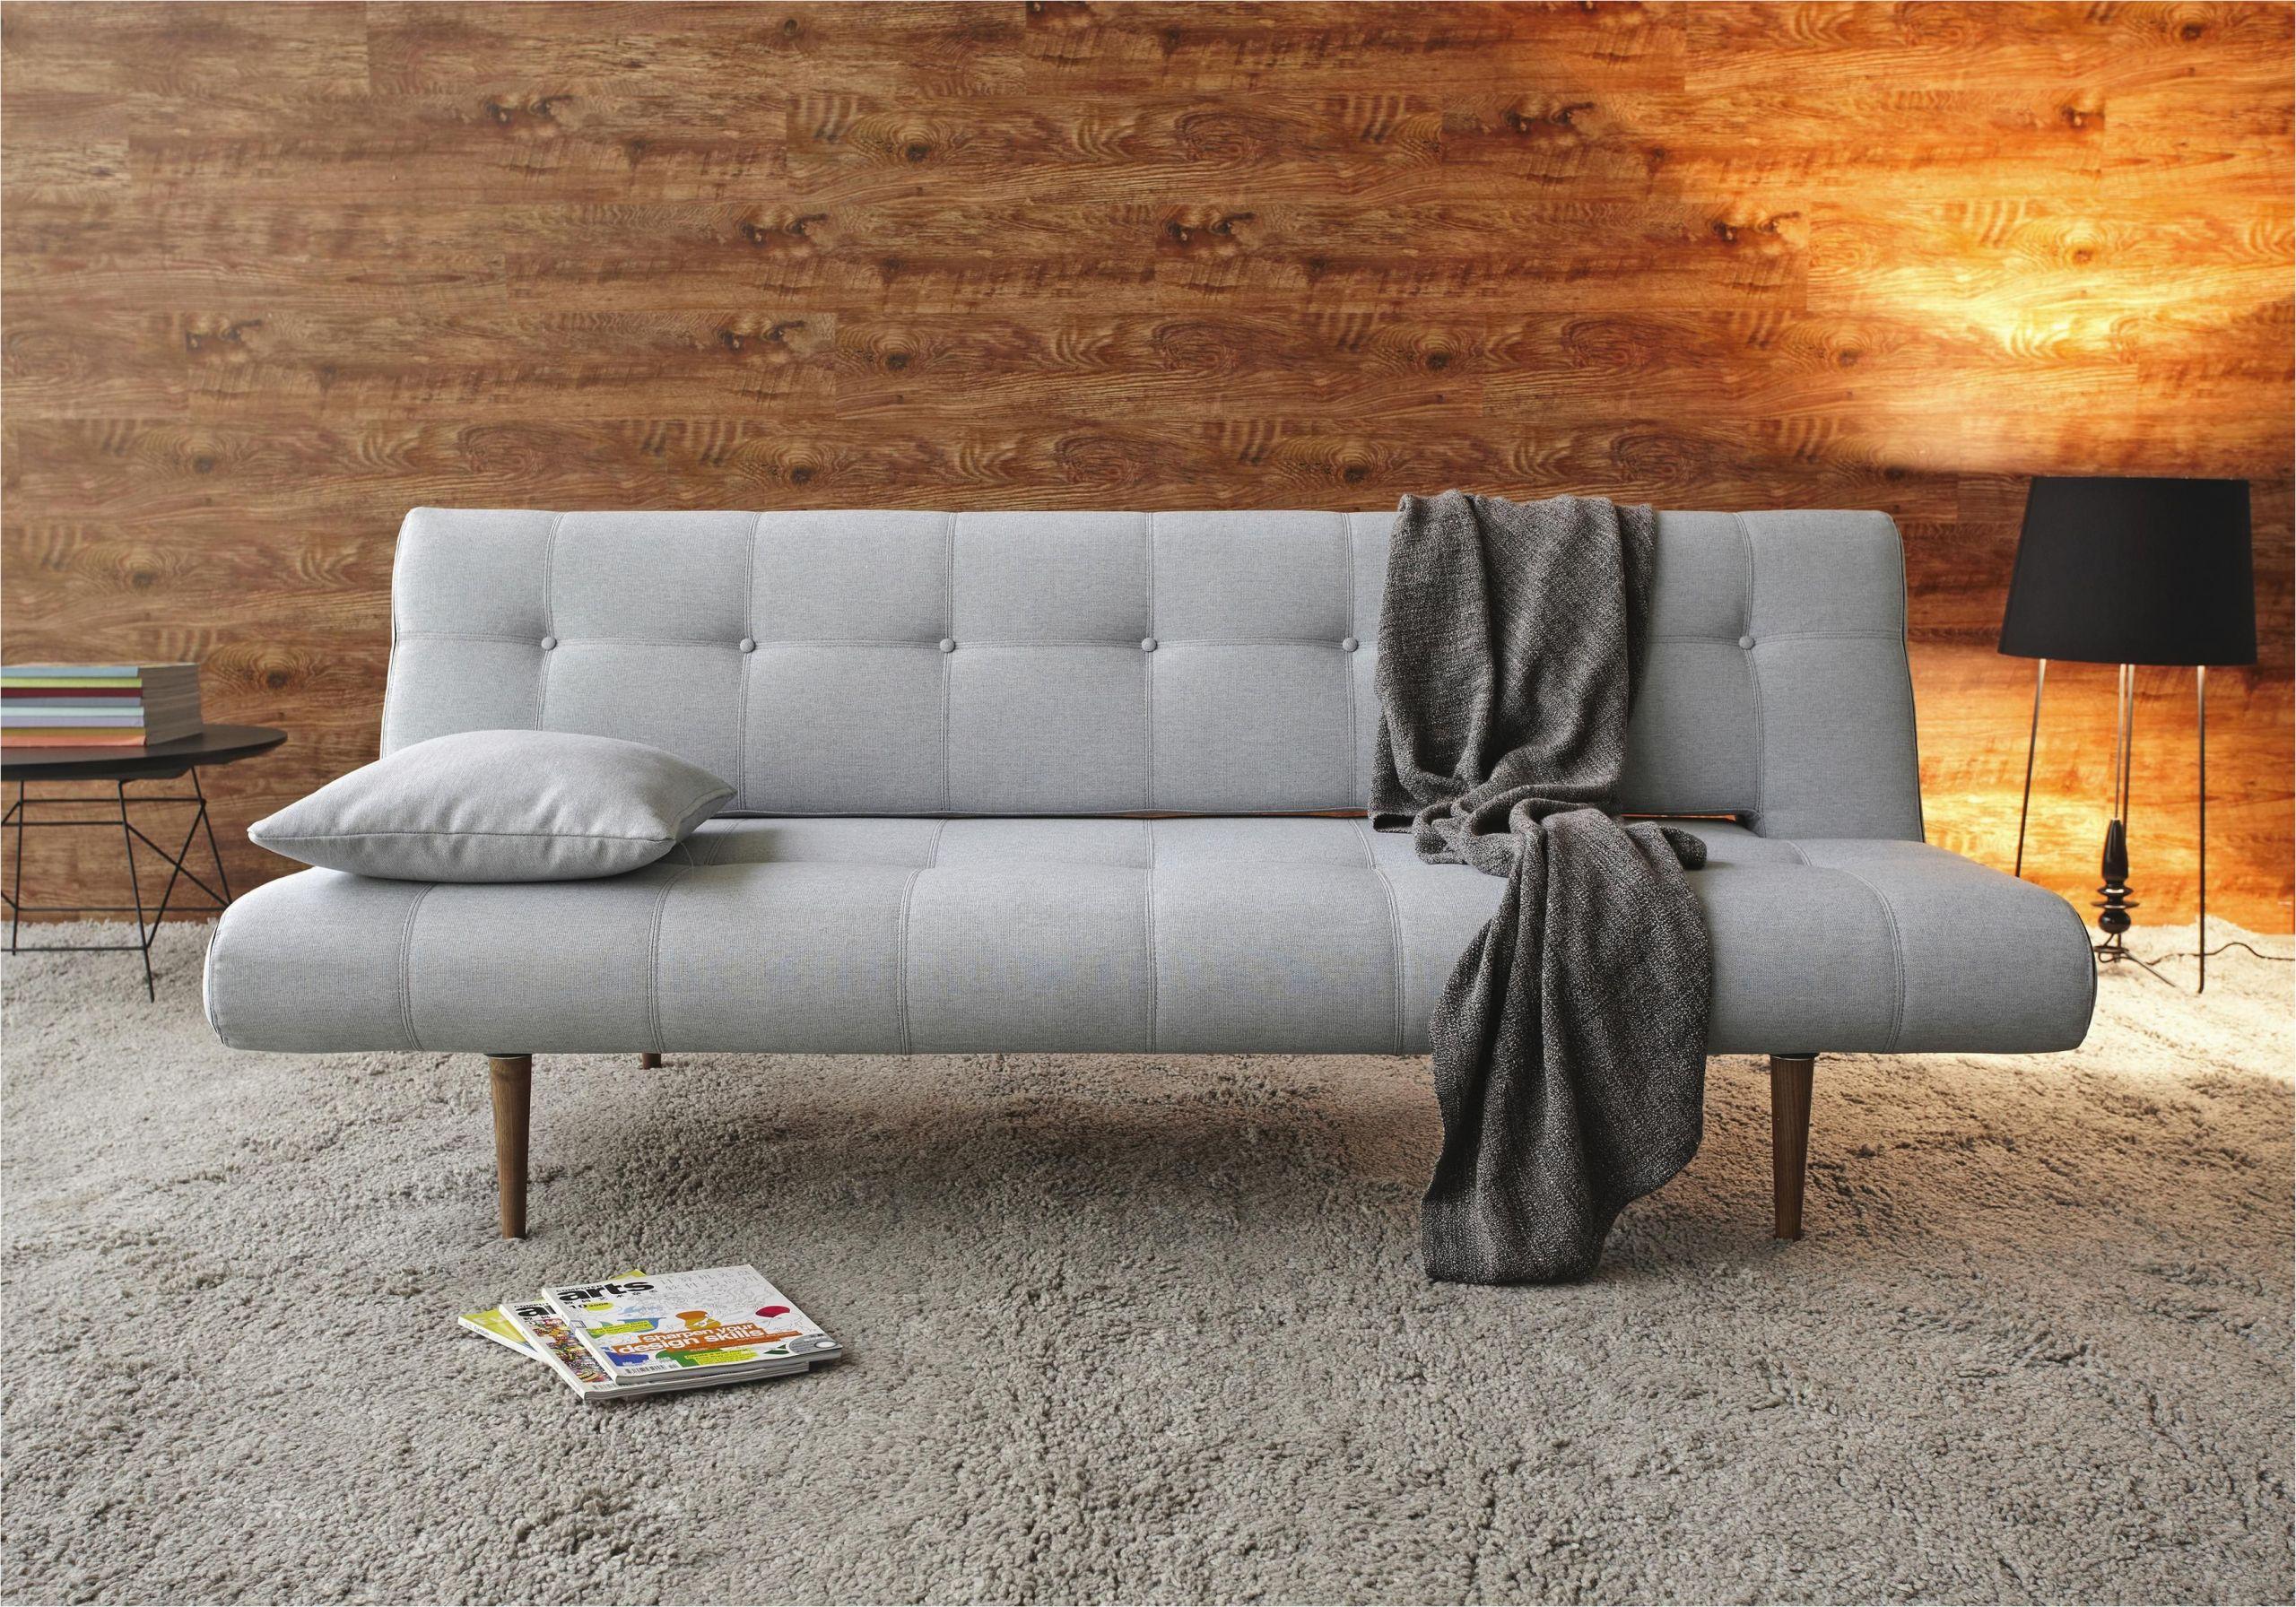 Schlafsofa Design Dieses Schlafsofa Vereint Komfort Und Design Der Hellgraue